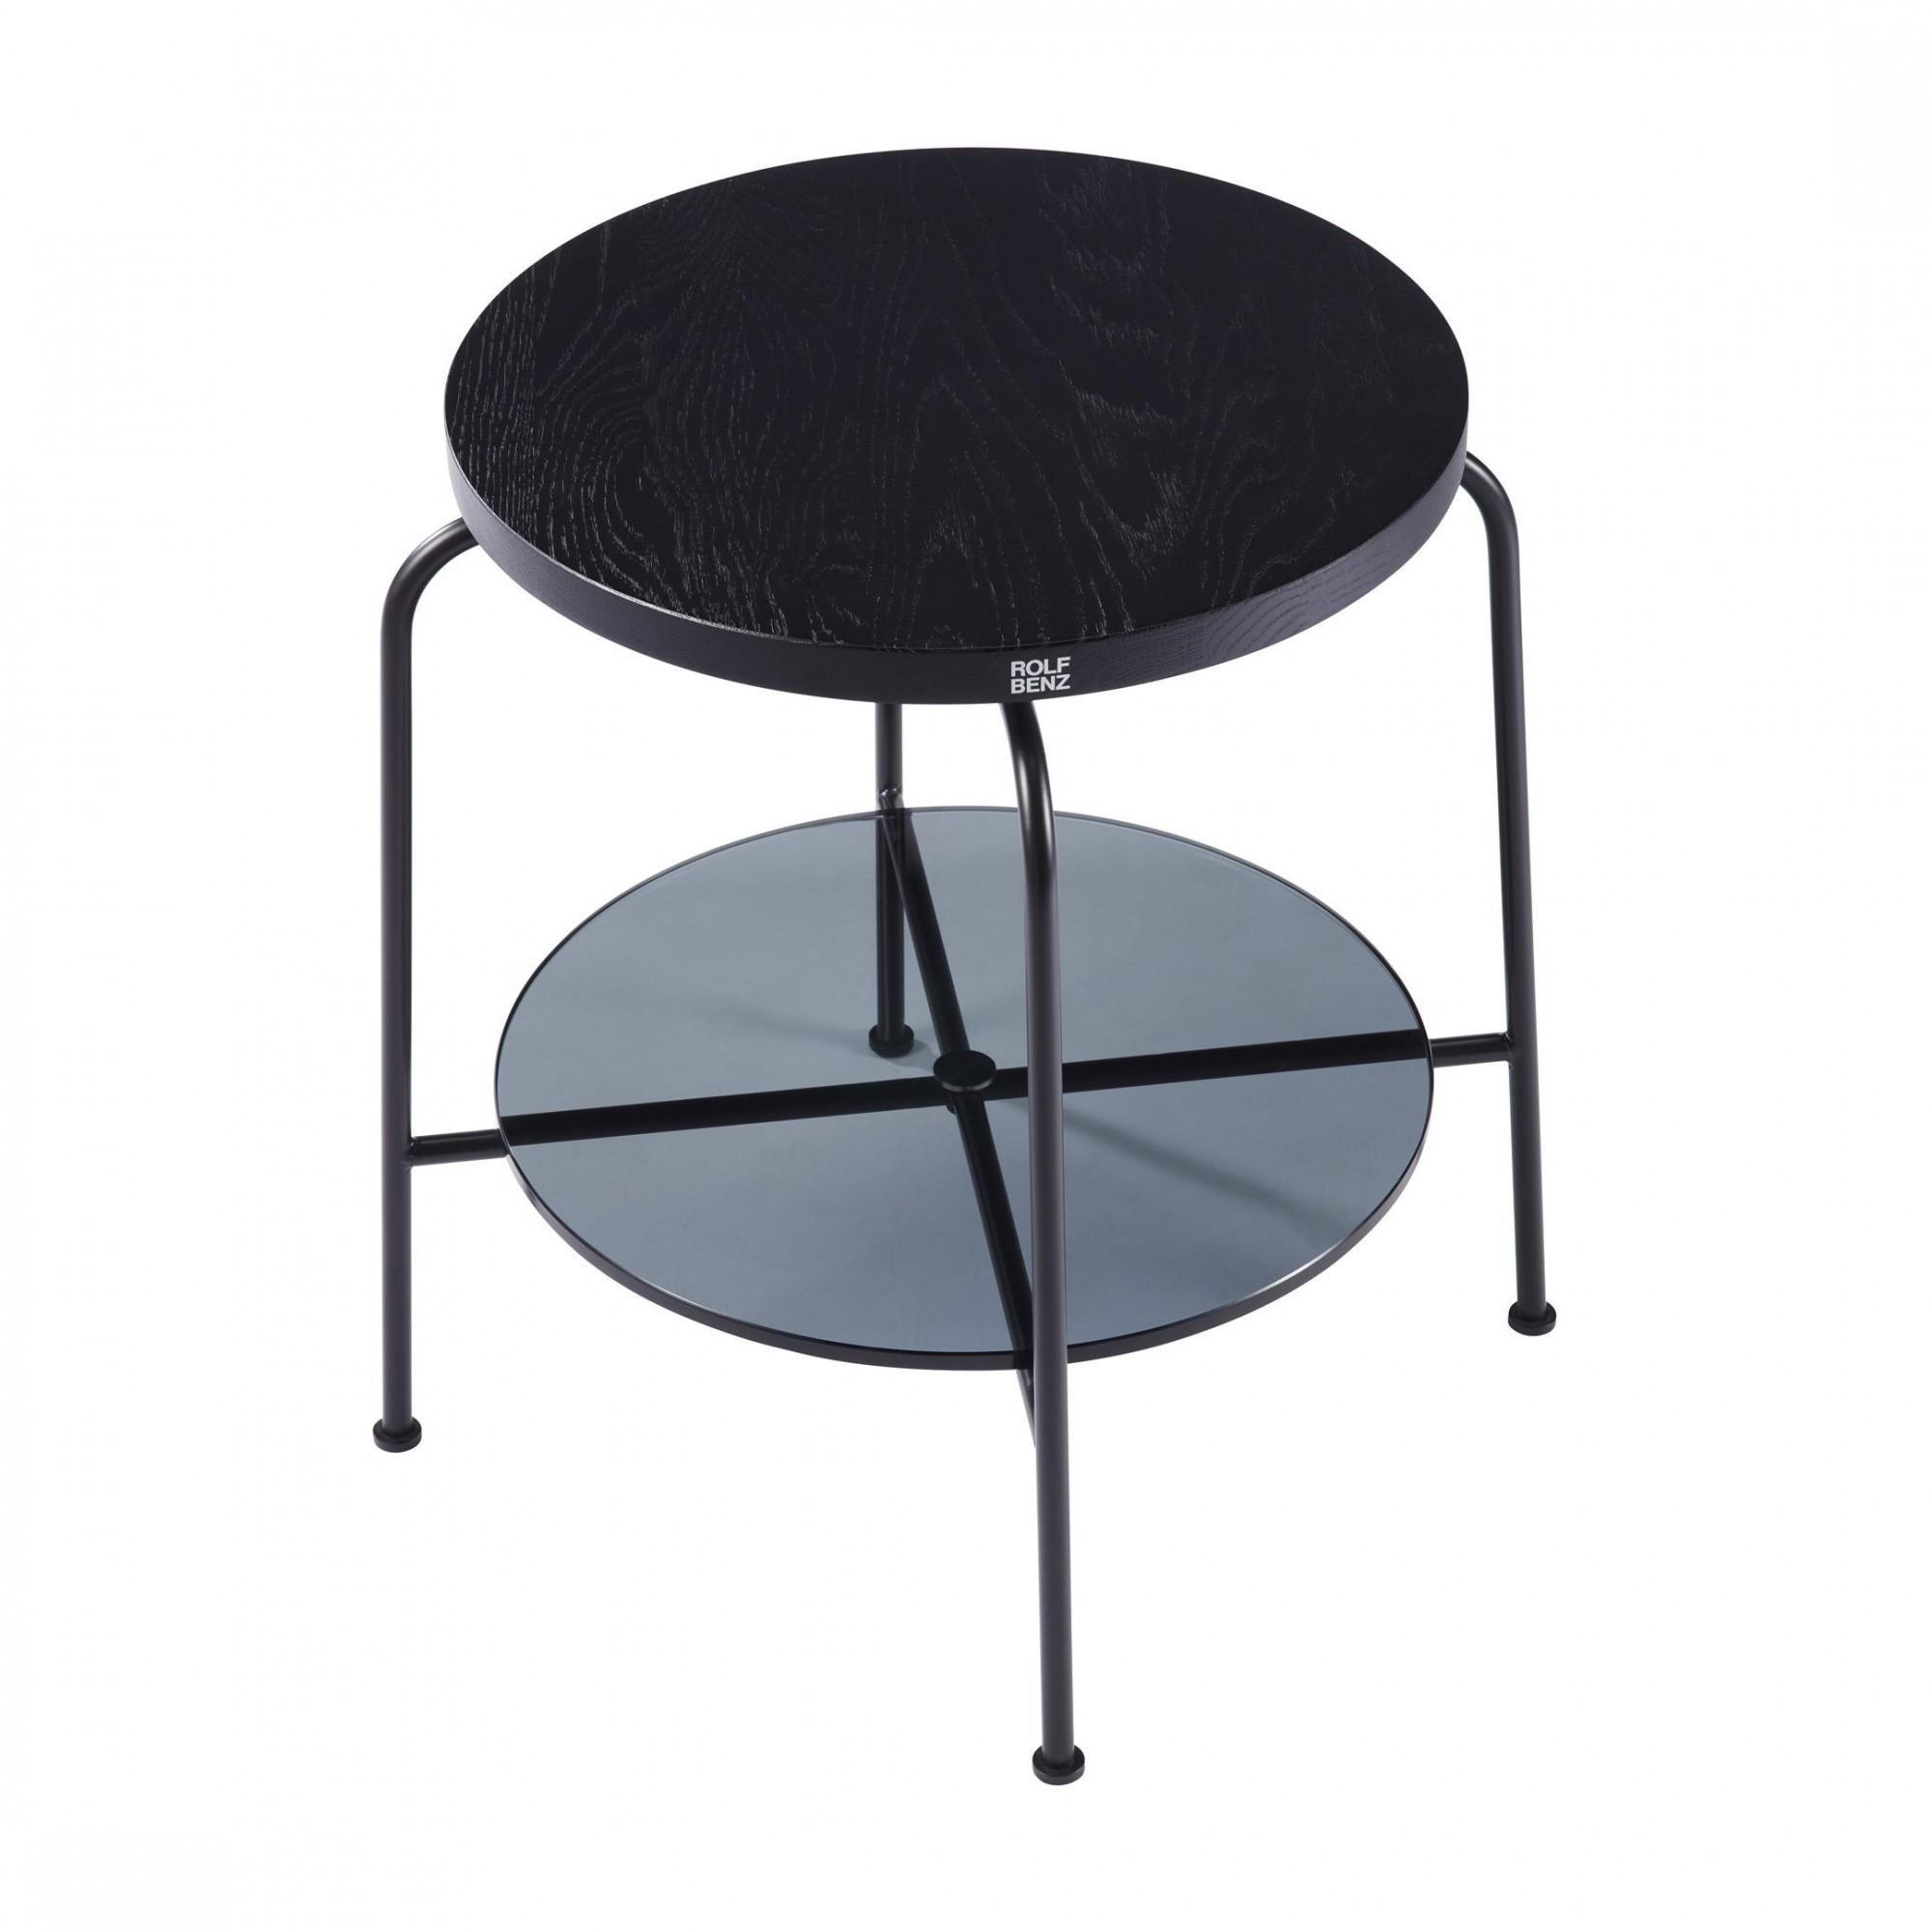 rolf benz 947 beistelltisch 37cm ambientedirect. Black Bedroom Furniture Sets. Home Design Ideas